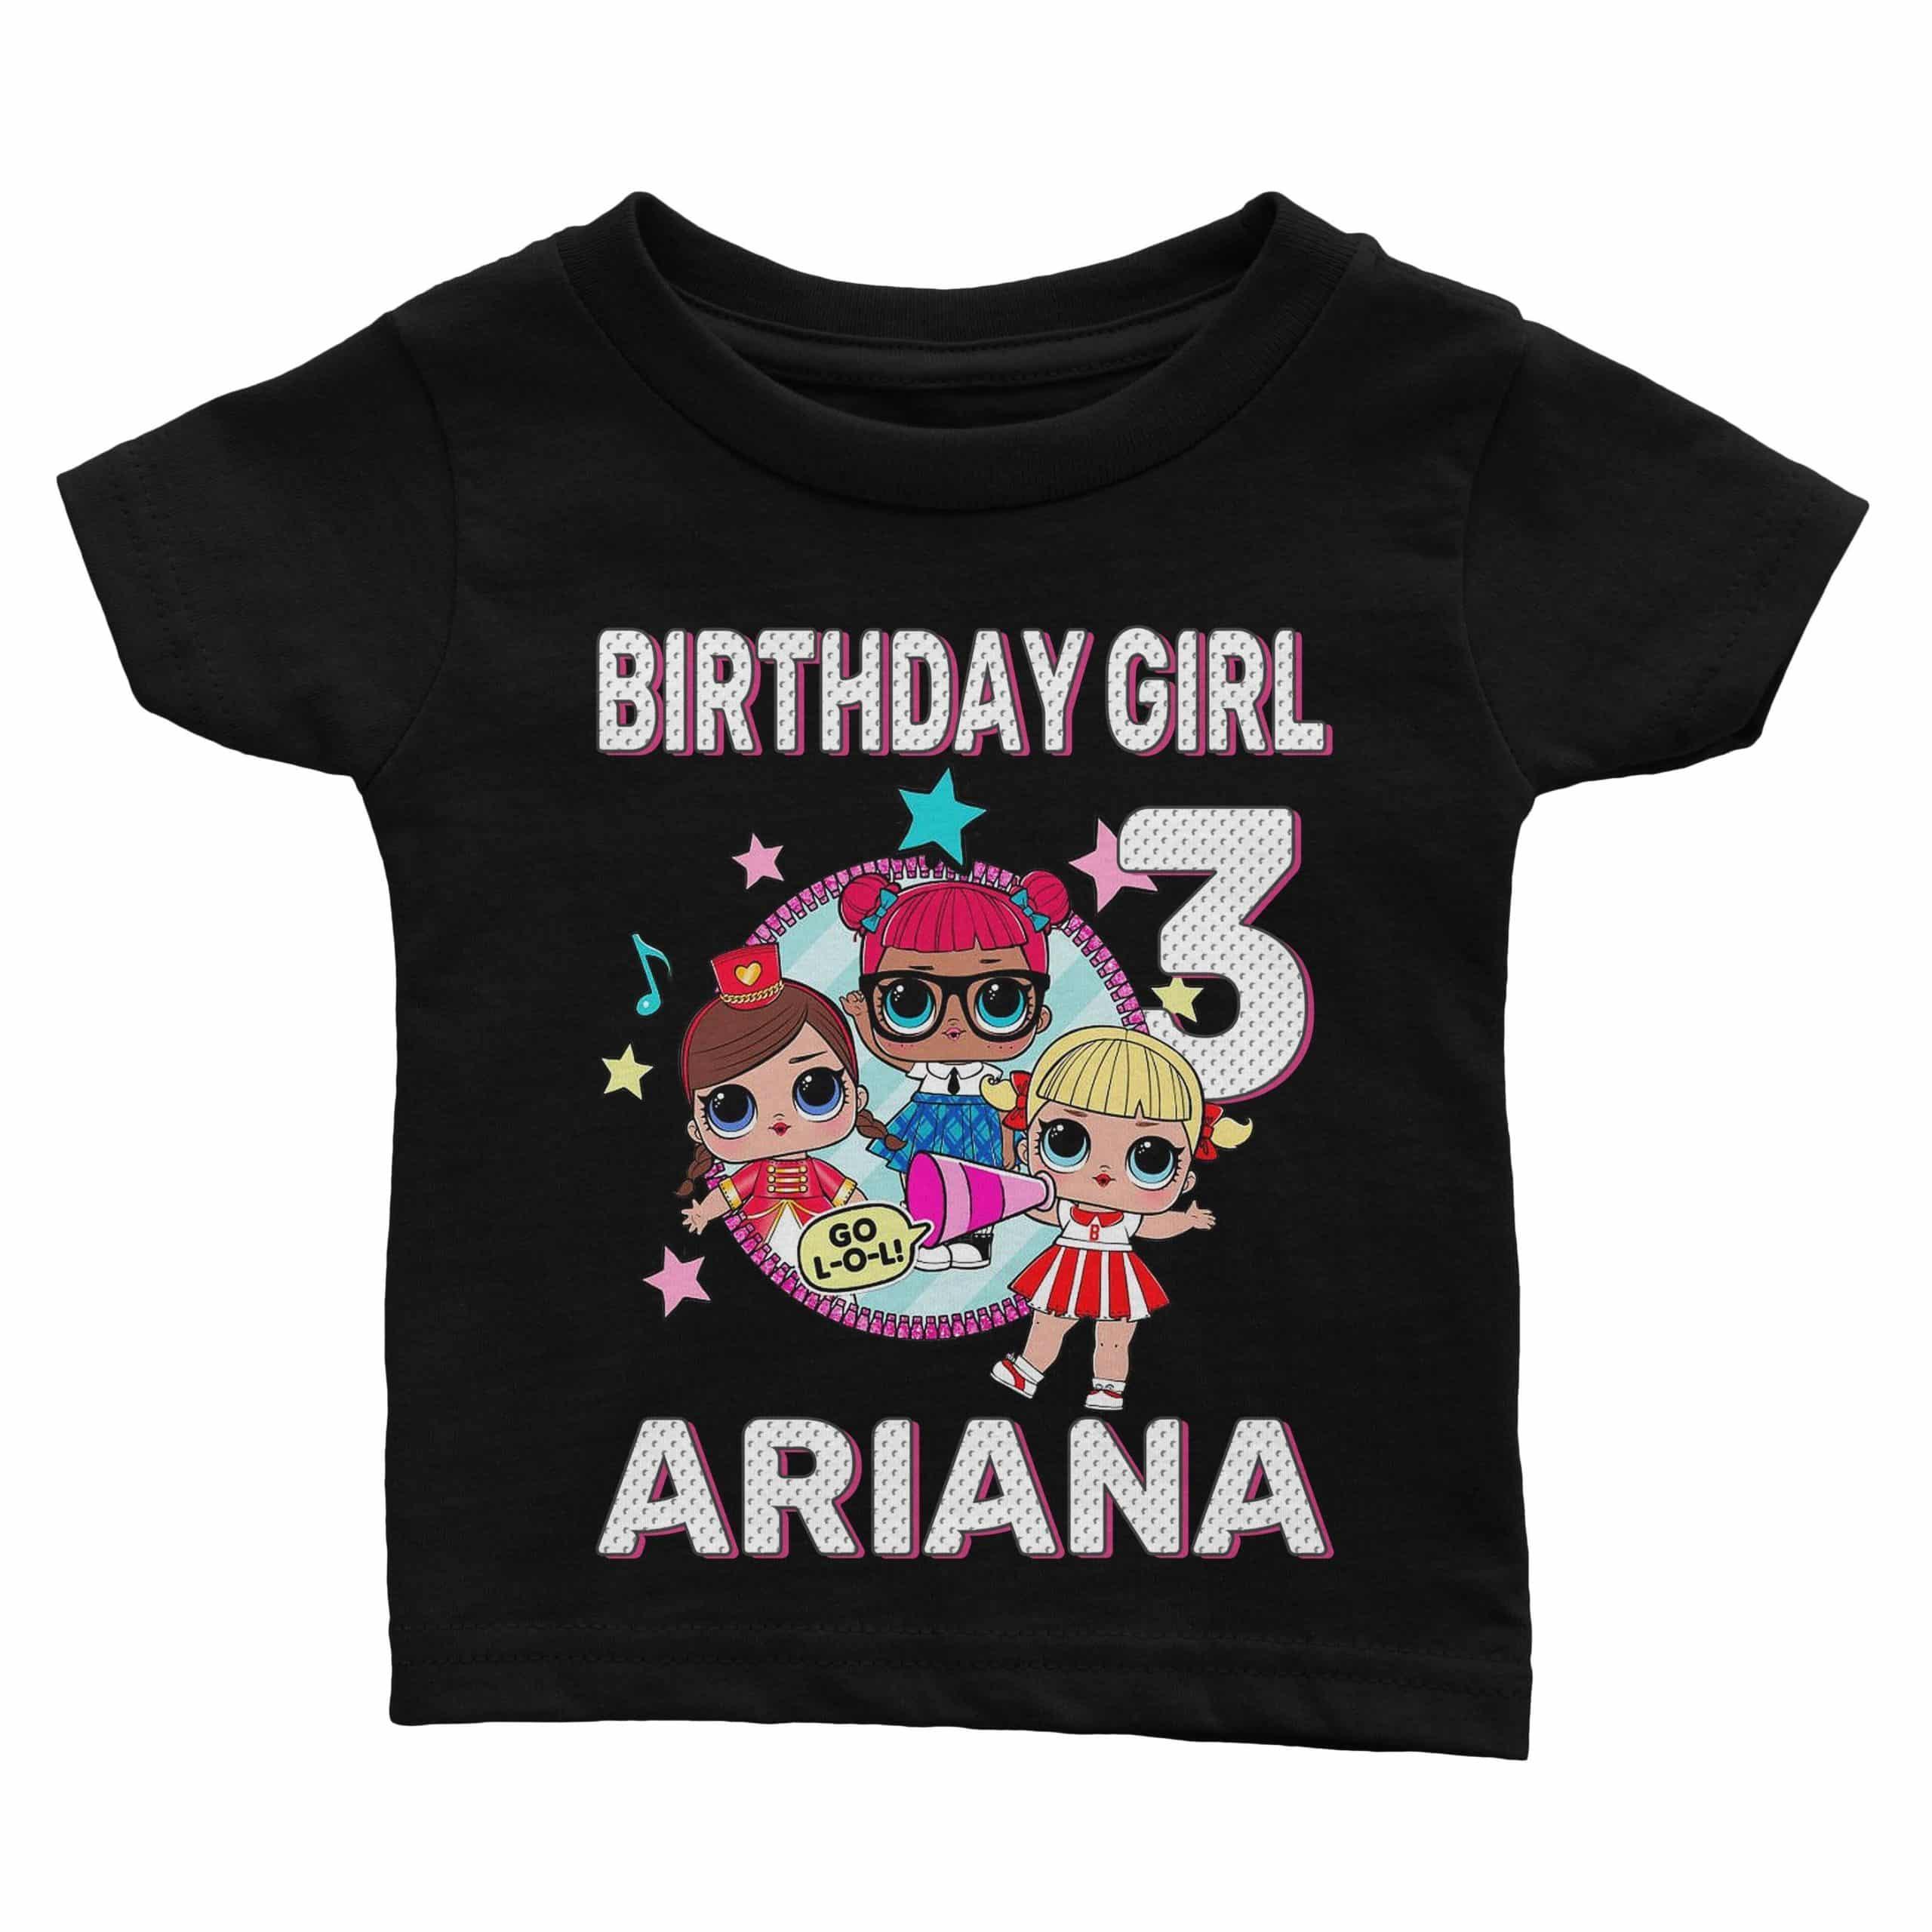 Personalize Lol Surprise Birthday Shirt Cuztom Threadz